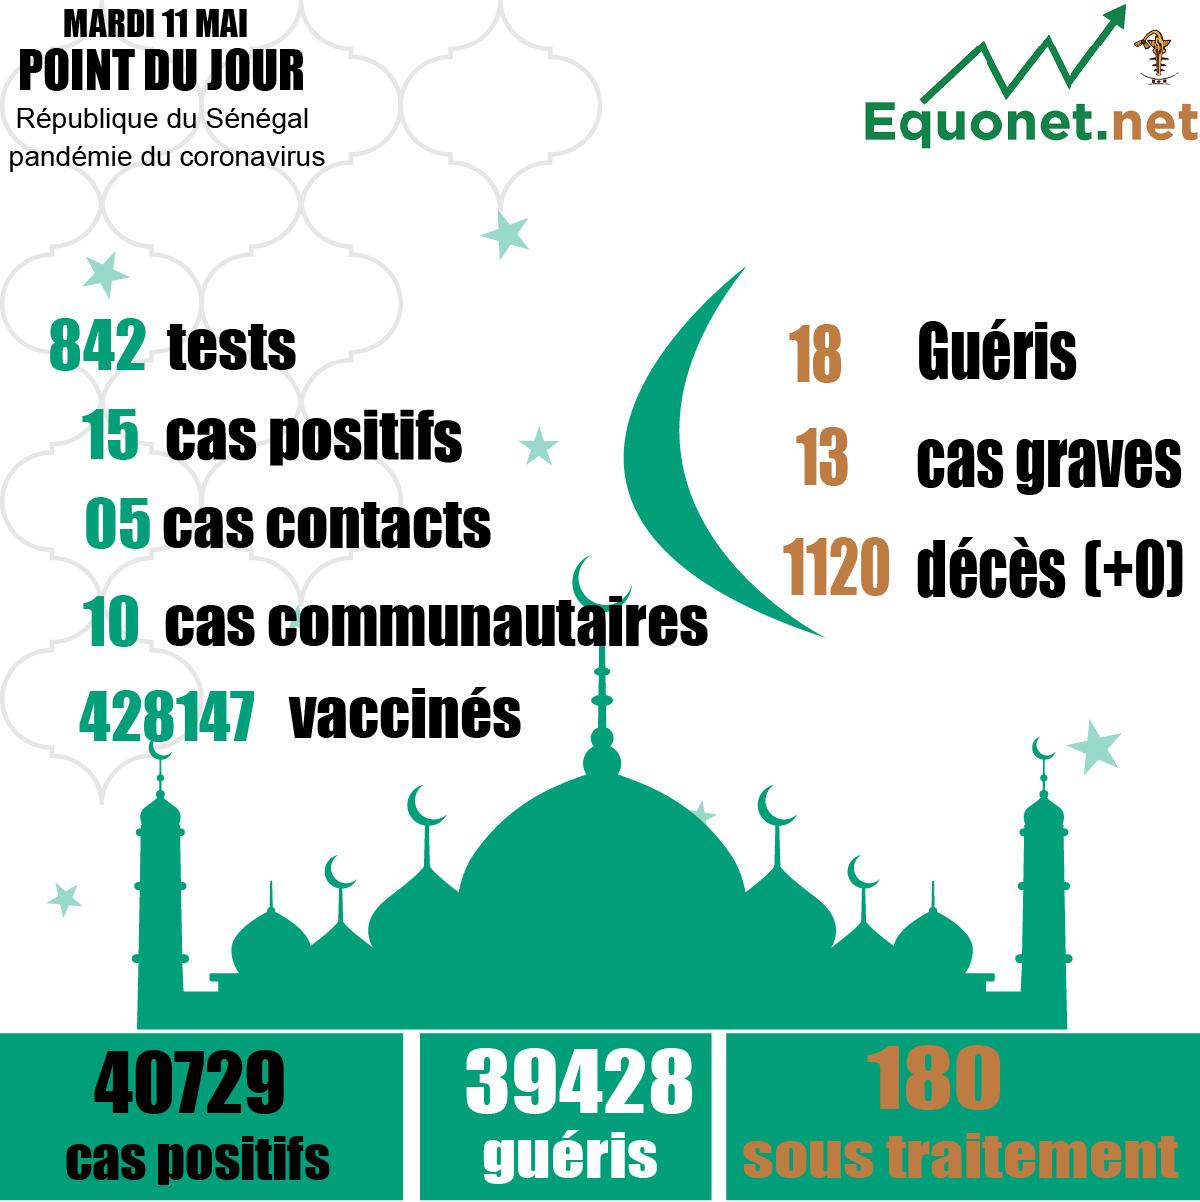 pandémie du coronavirus-covid-19 au sénégal : 10 cas communautaires et 00 décès enregistrés ce mardi 11 mai 2021